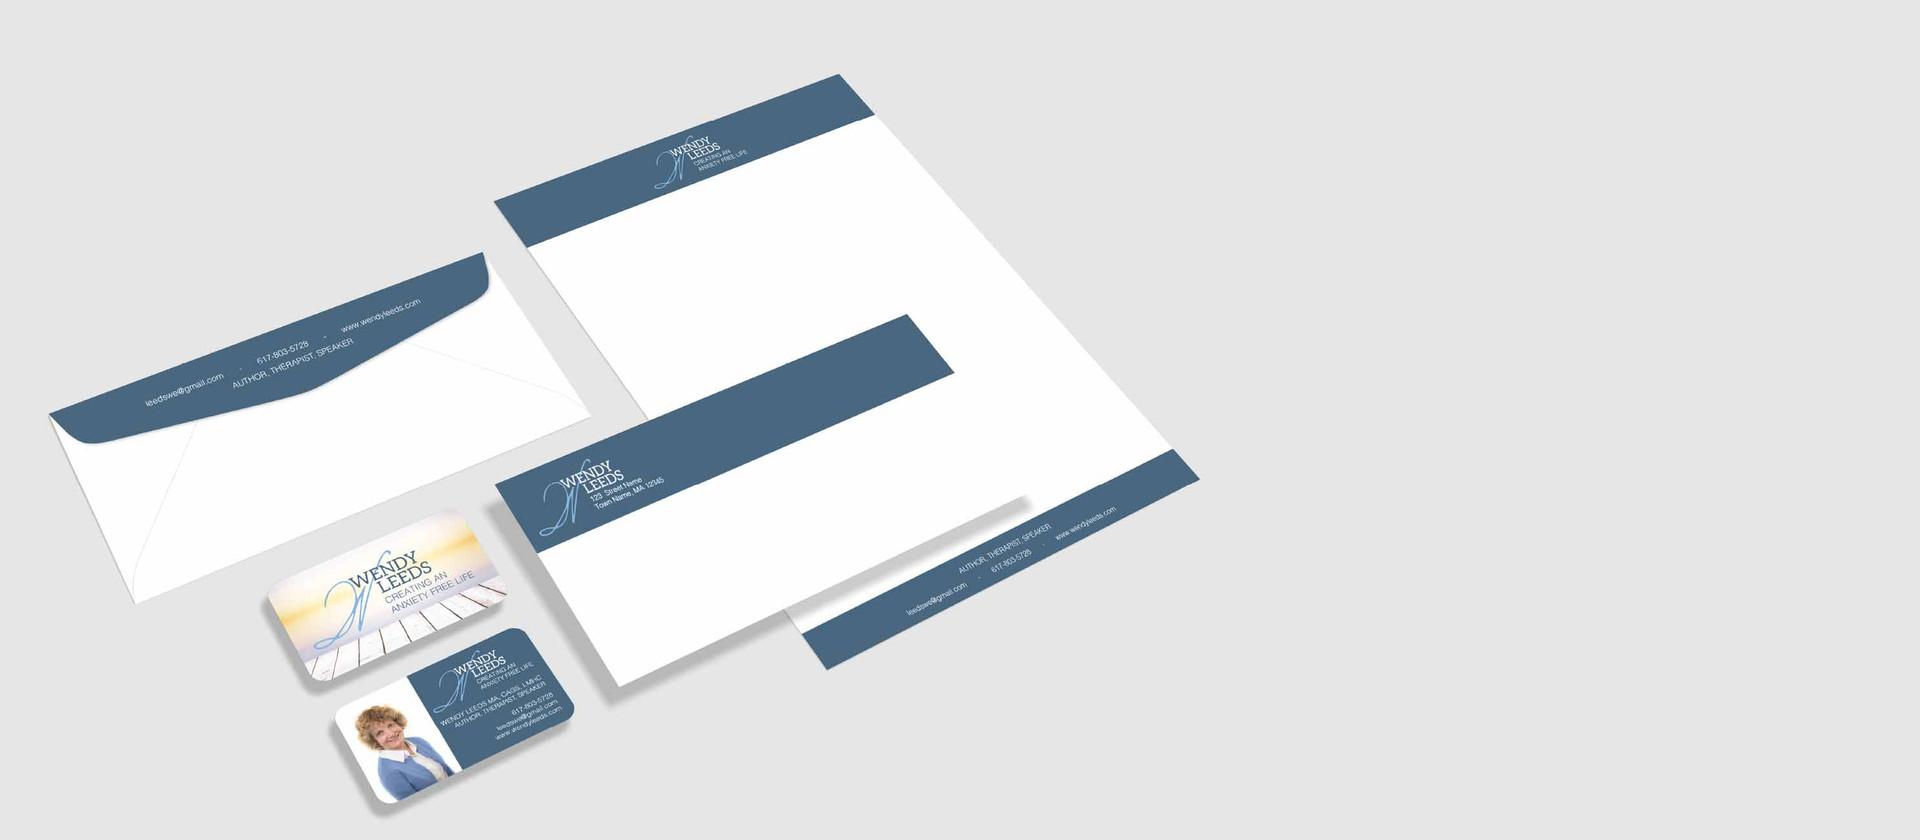 print suite business cards, envelopes, letterhead